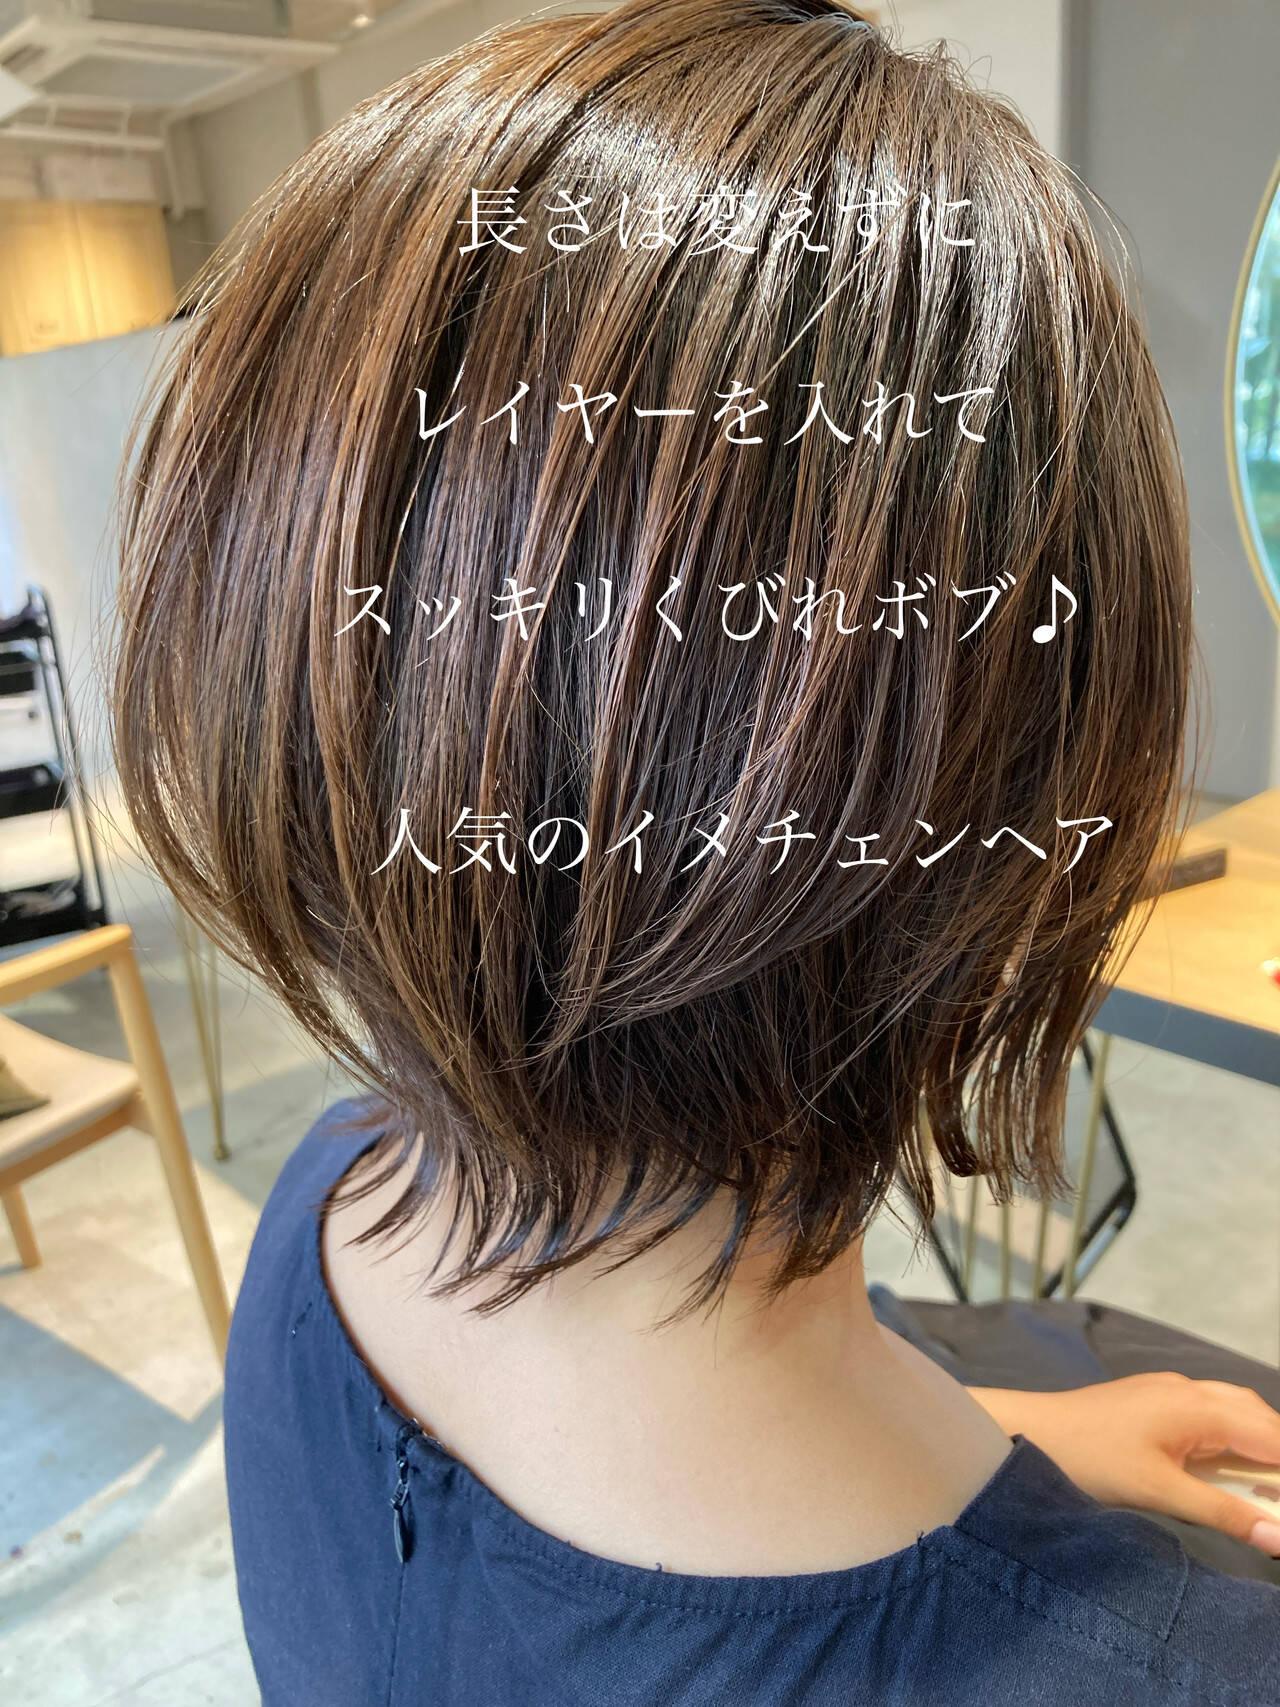 大人かわいい 外ハネボブ ナチュラル アンニュイほつれヘアヘアスタイルや髪型の写真・画像